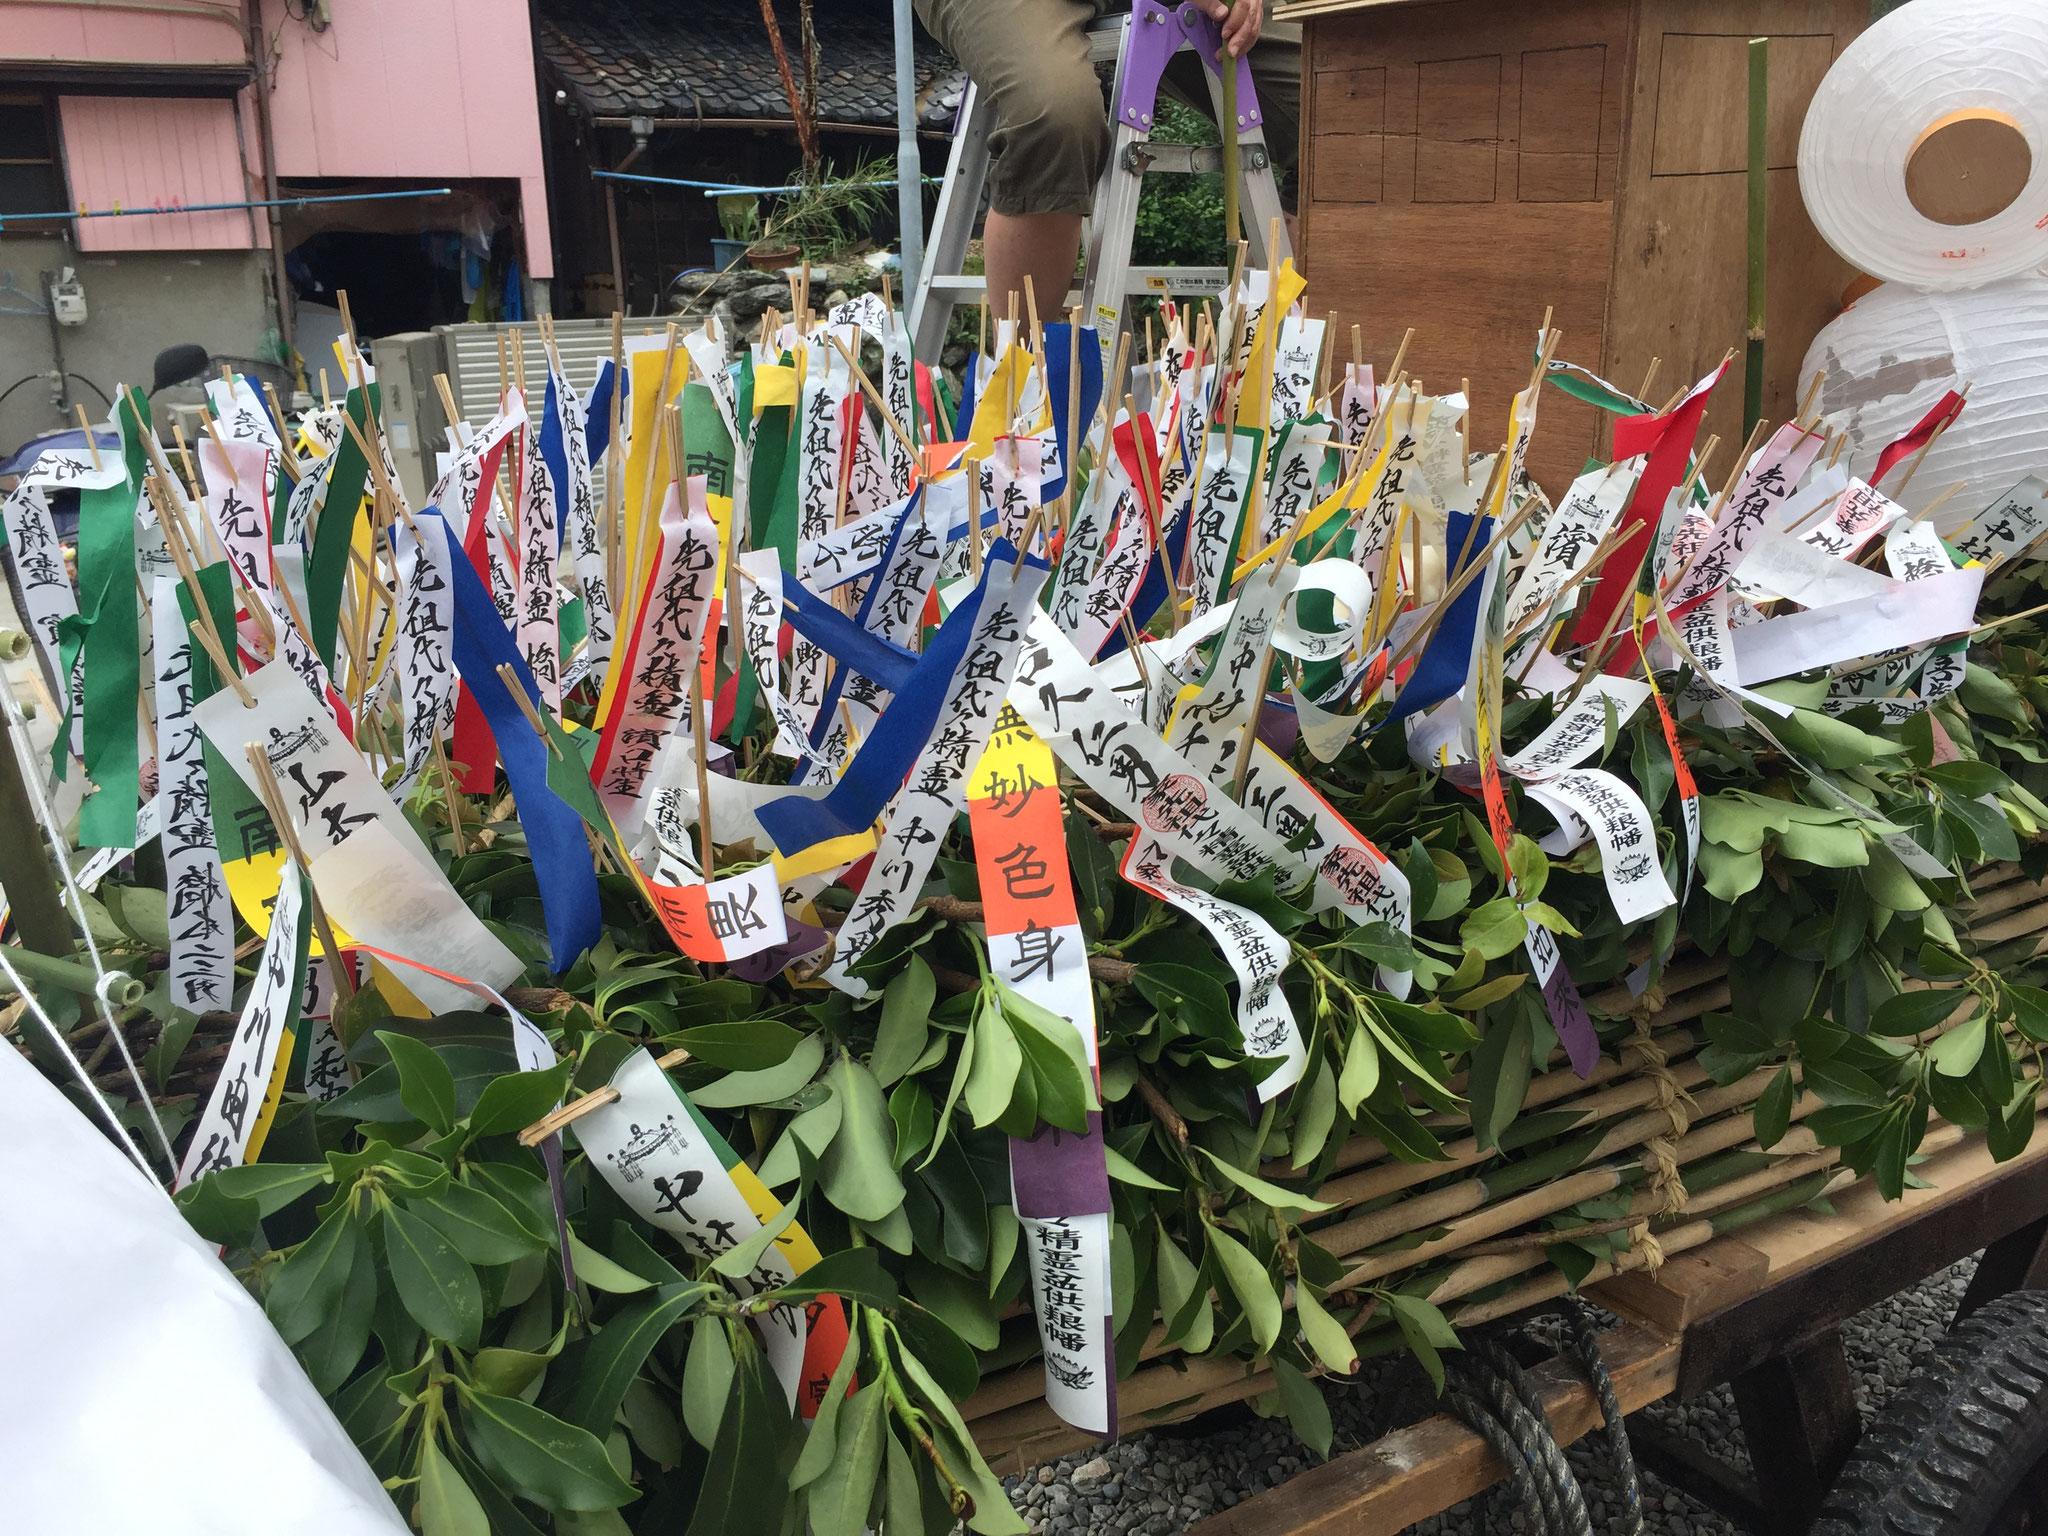 昨日配られ、昨日まで仏壇に保管されていた施餓鬼旗も乗せられます